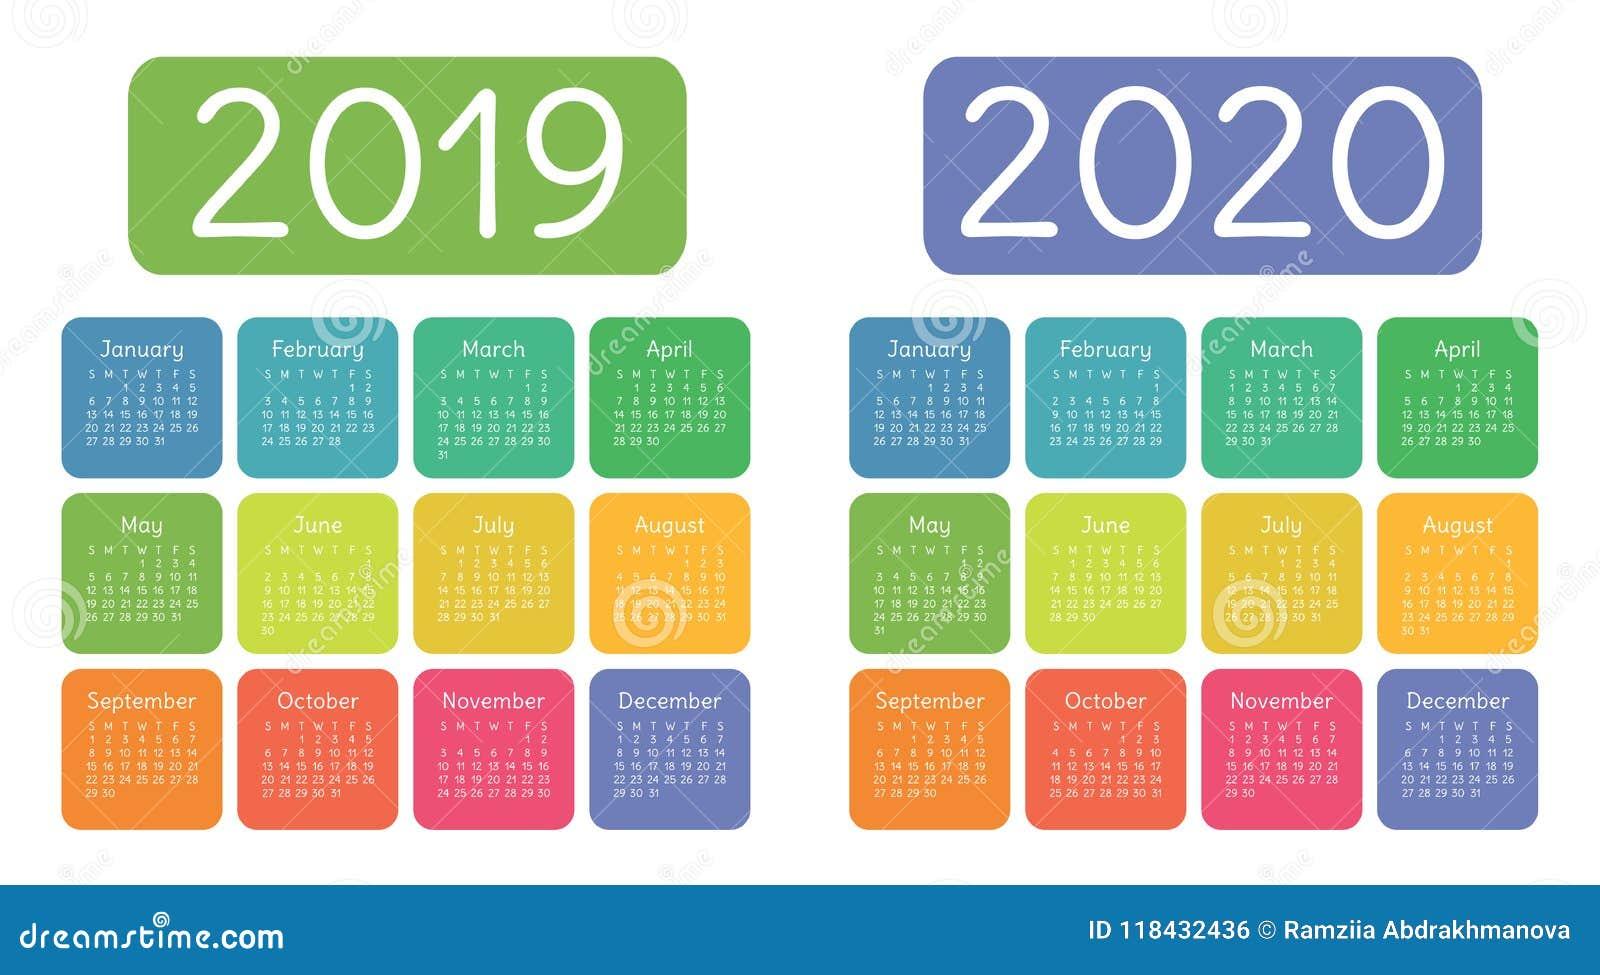 Календарь 2019, 2020 лет Красочный комплект календаря Старты недели дальше